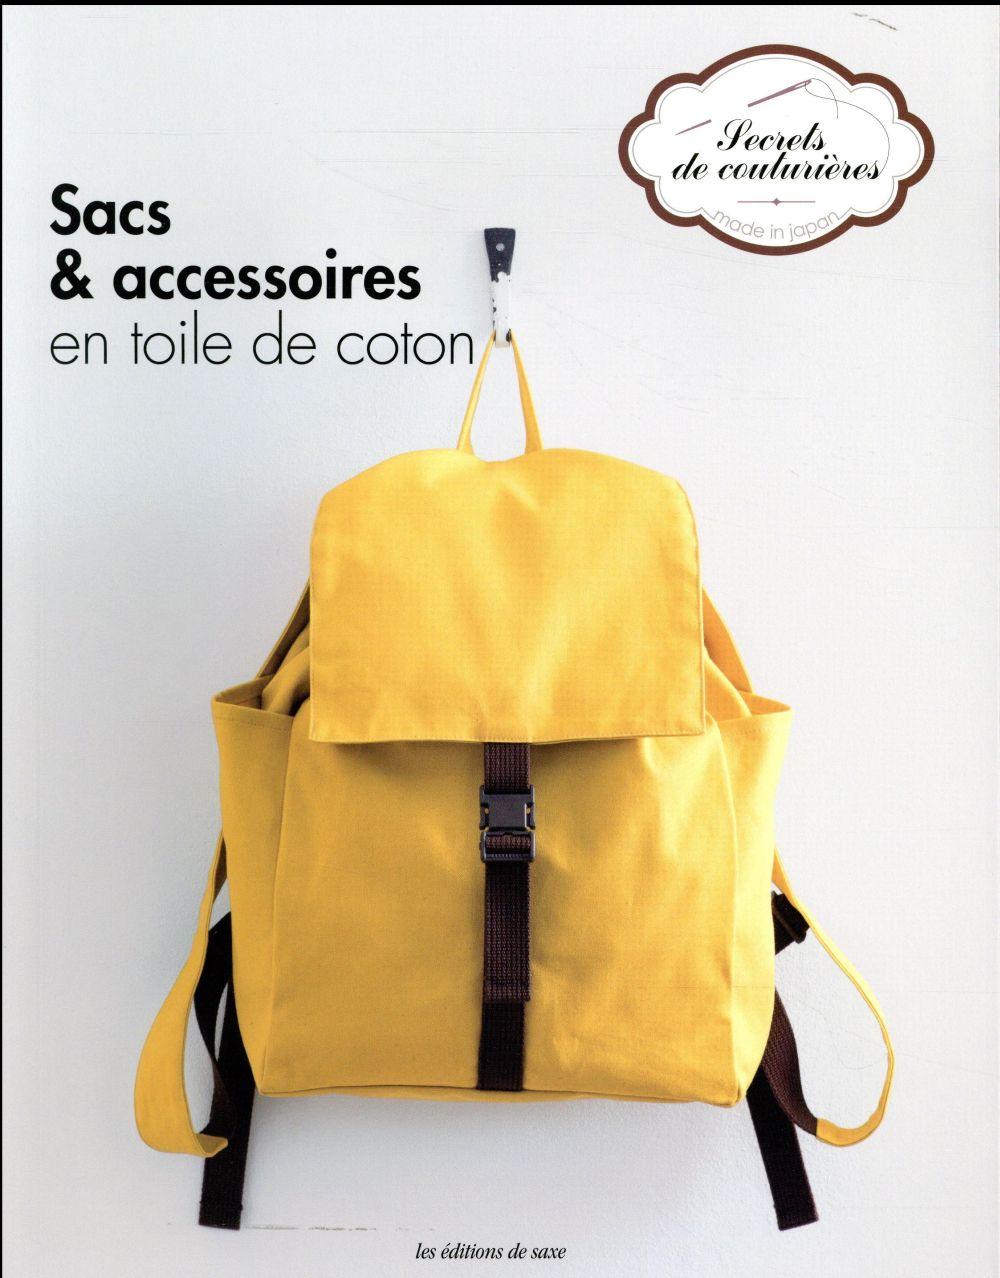 SACS & ACCESSOIRES EN TOILE DE COTON COLLECTIF Ed. de Saxe